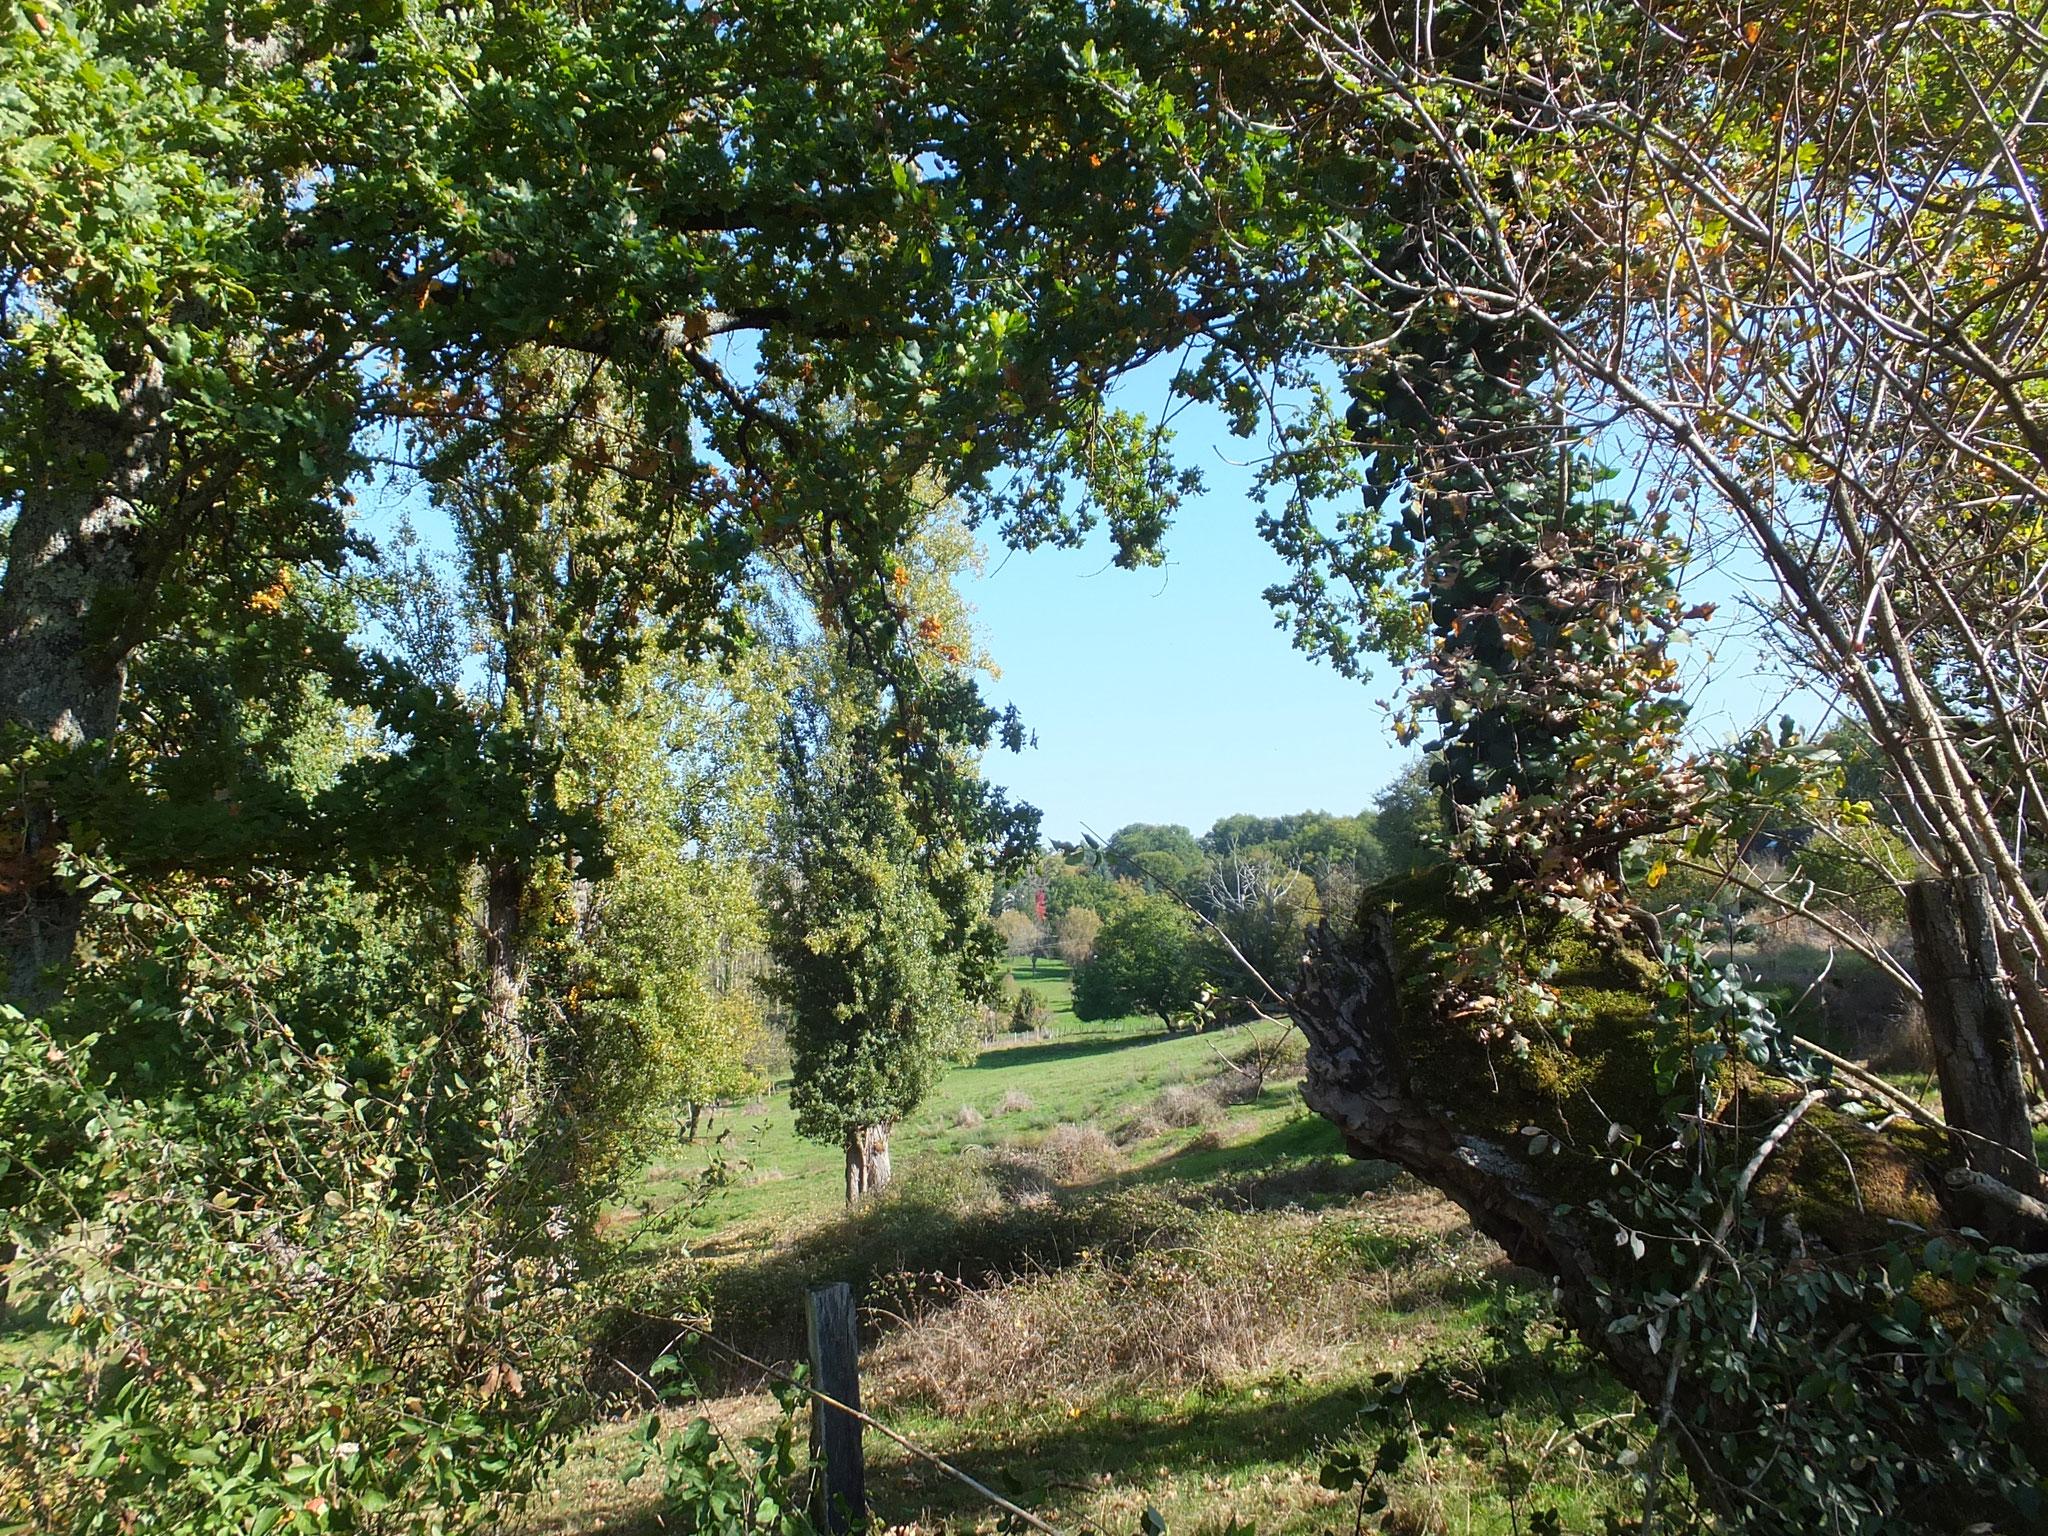 Petit sentier promenade qui rejoint le Chemin de Compostelle à 900 m de notre maison